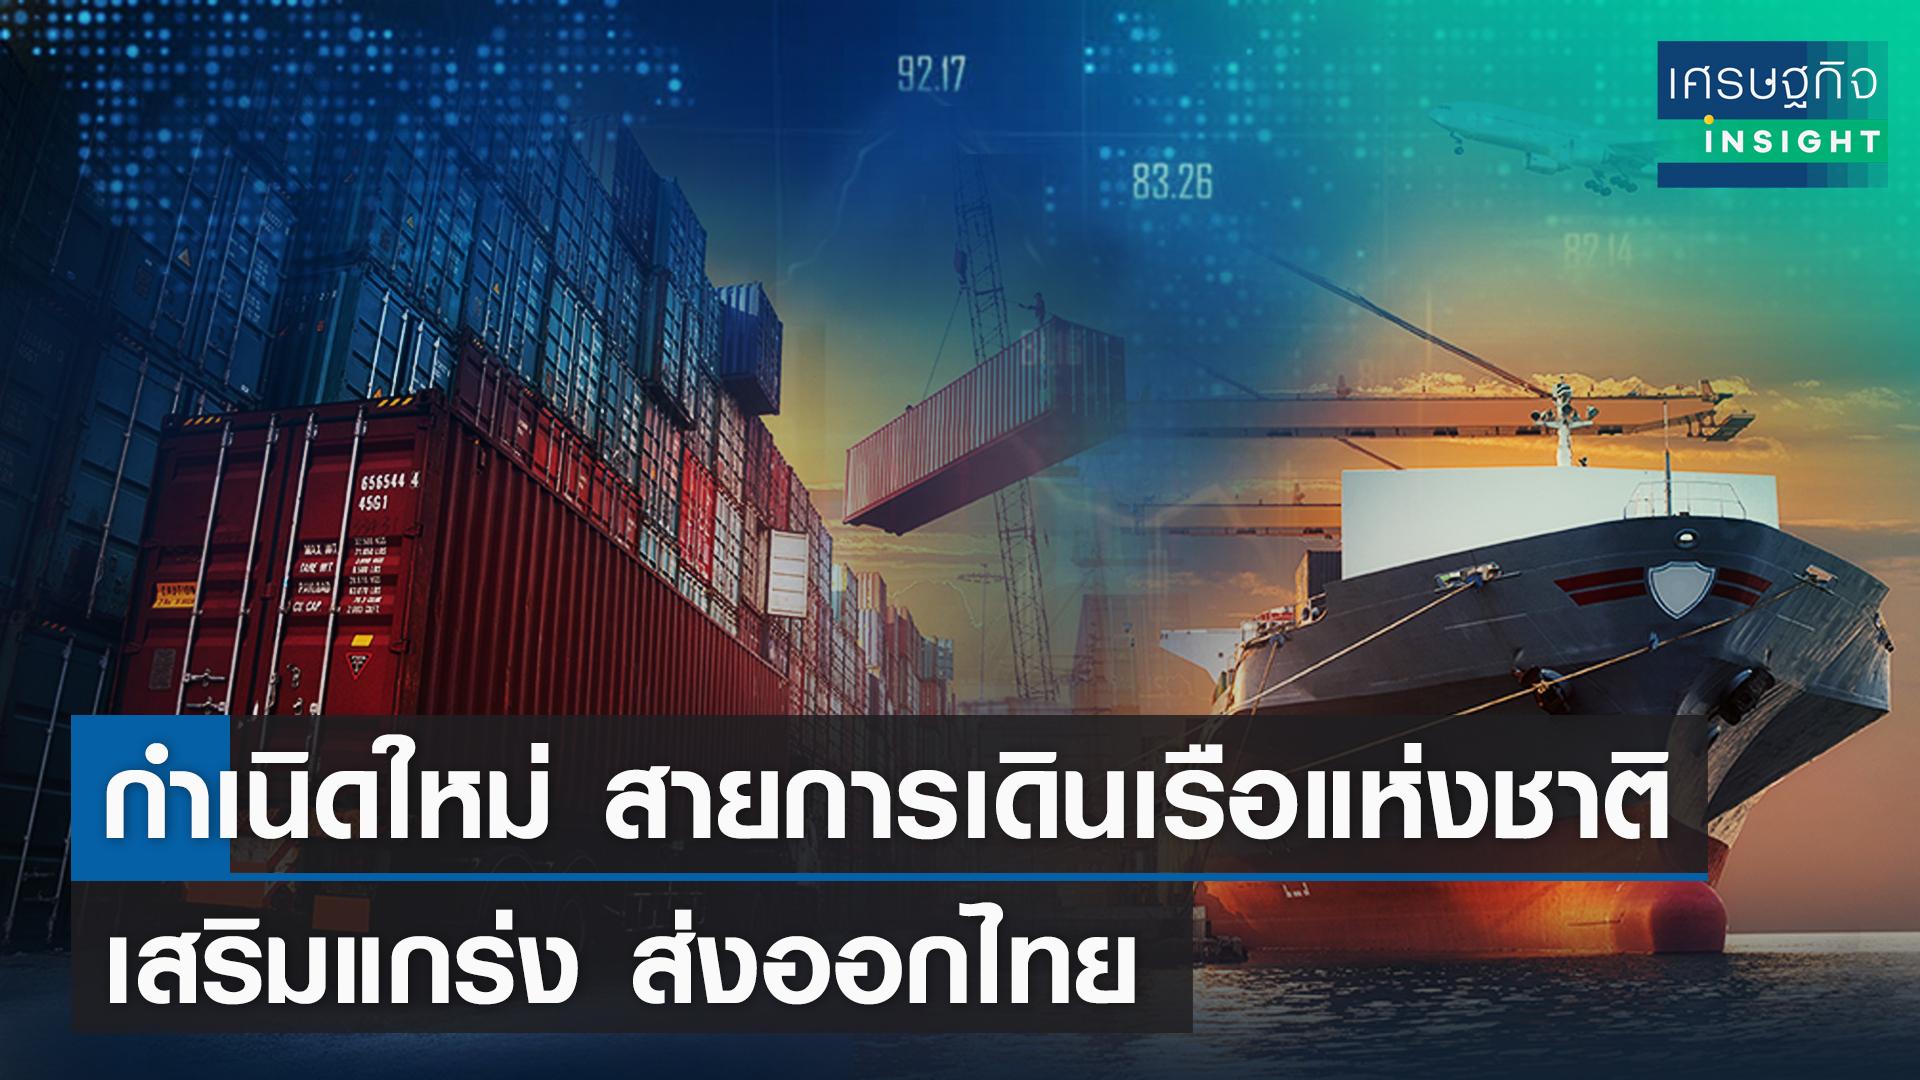 """กำเนิดใหม่ """"สายการเดินเรือแห่งชาติ""""  เสริมแกร่ง ส่งออกไทย"""